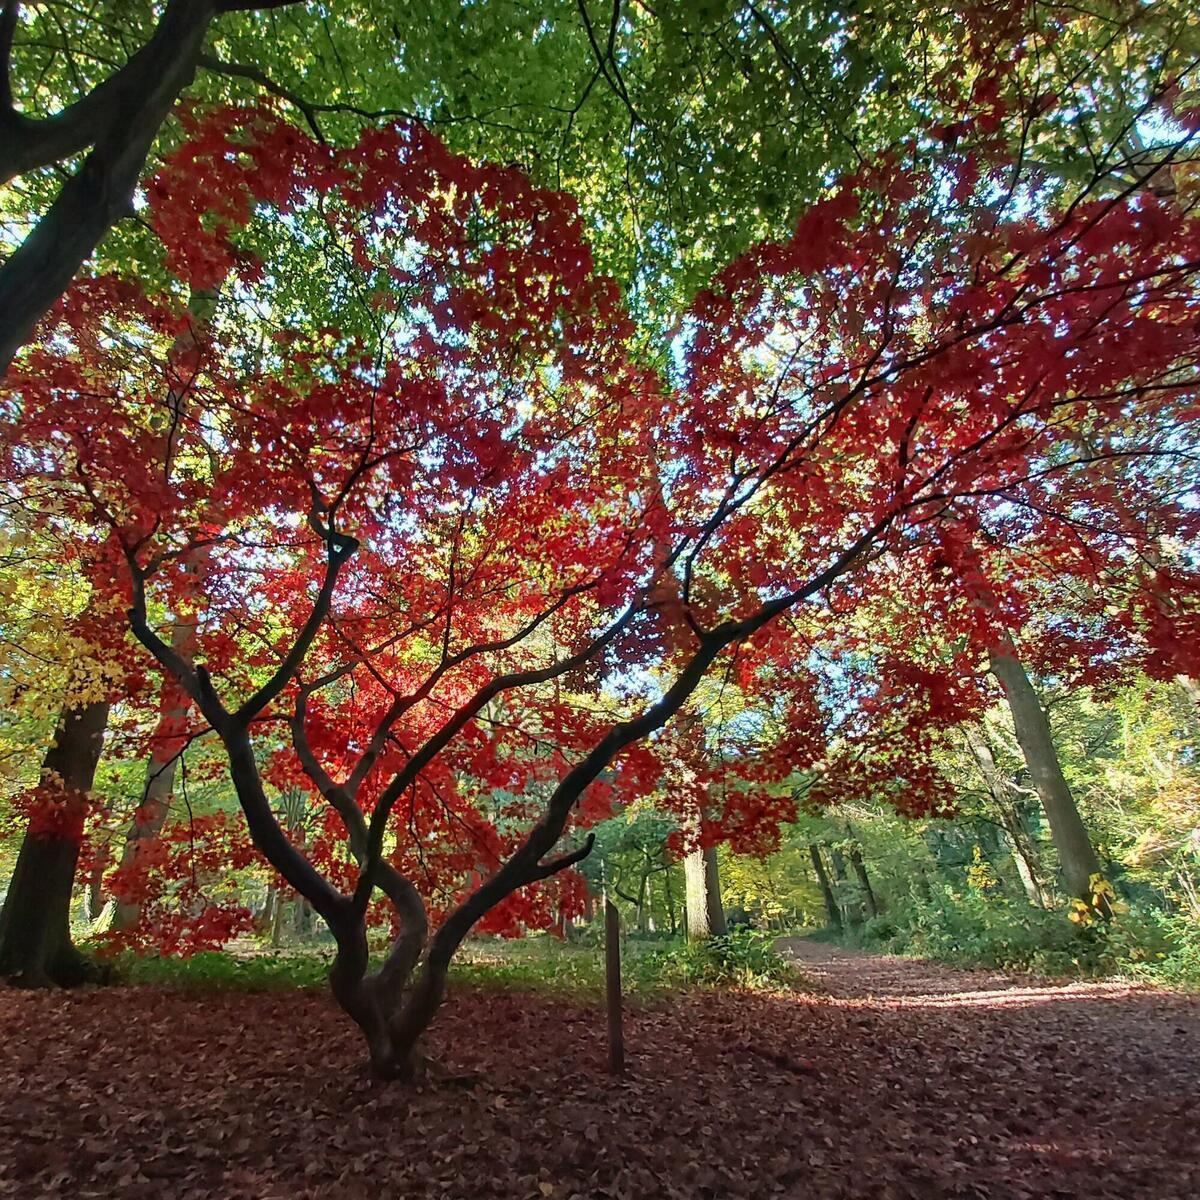 Autumn Colours, Queenswood Arboretum